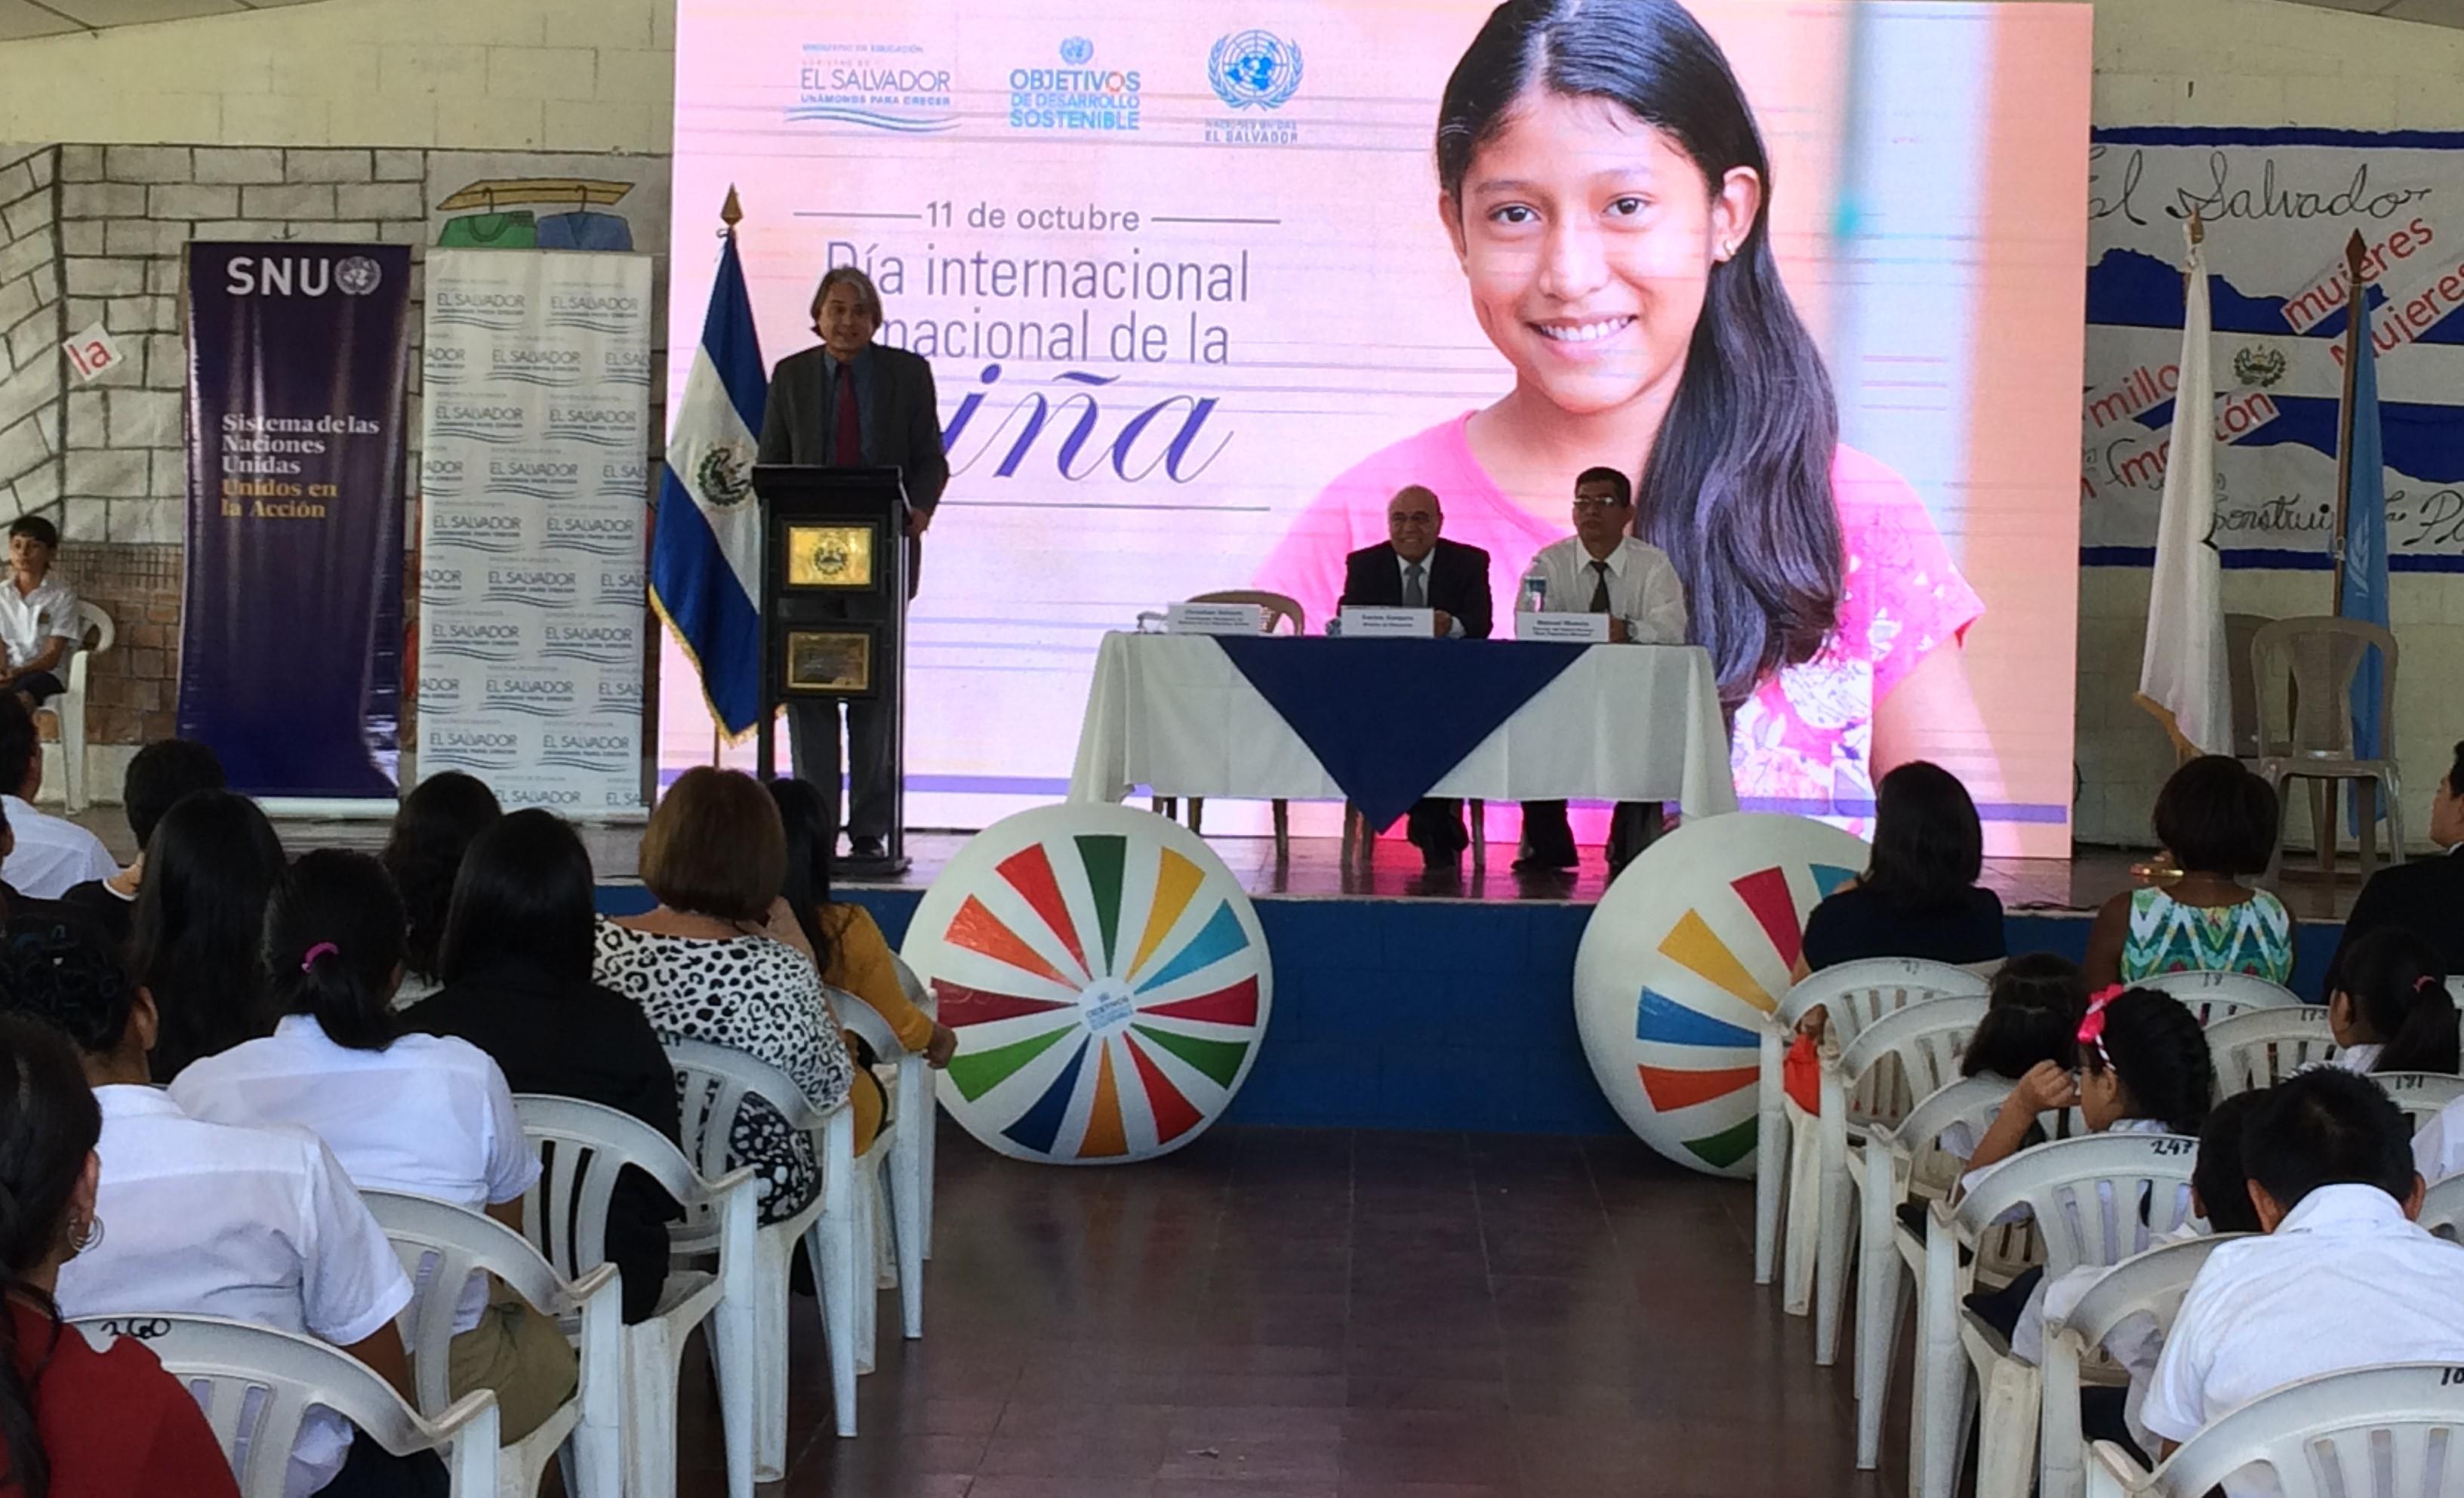 Más de 5,000 centros escolares reflexionan sobre el papel protagónico de las niñas para el  cumplimiento de los Objetivos de Desarrollo Sostenible